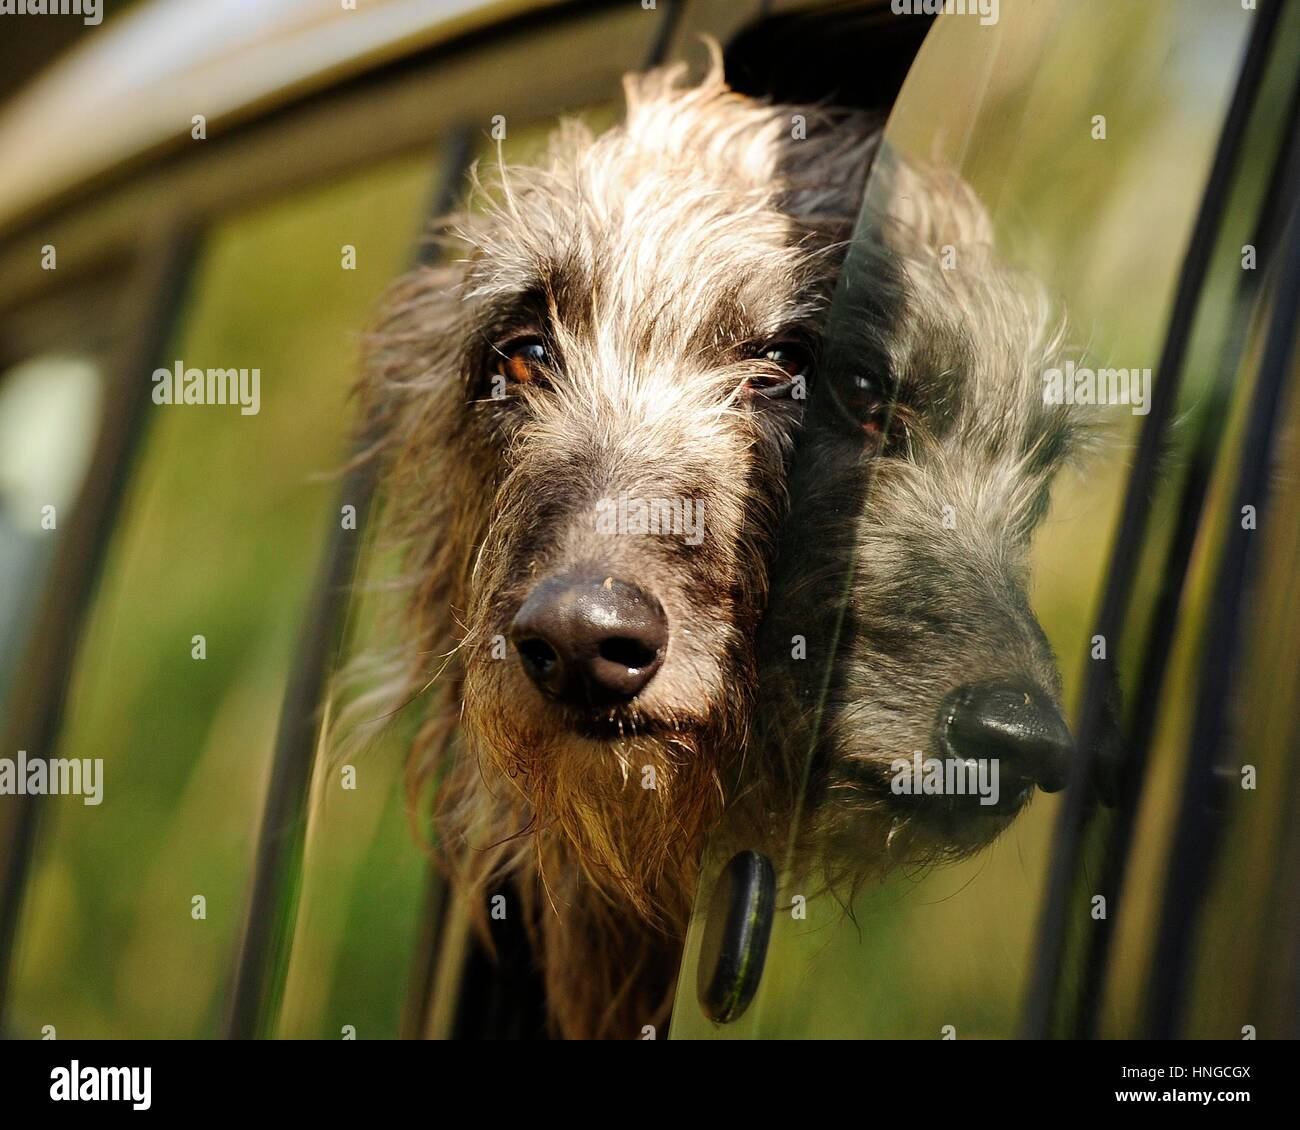 Perro mirando fuera de la ventana de coche Imagen De Stock